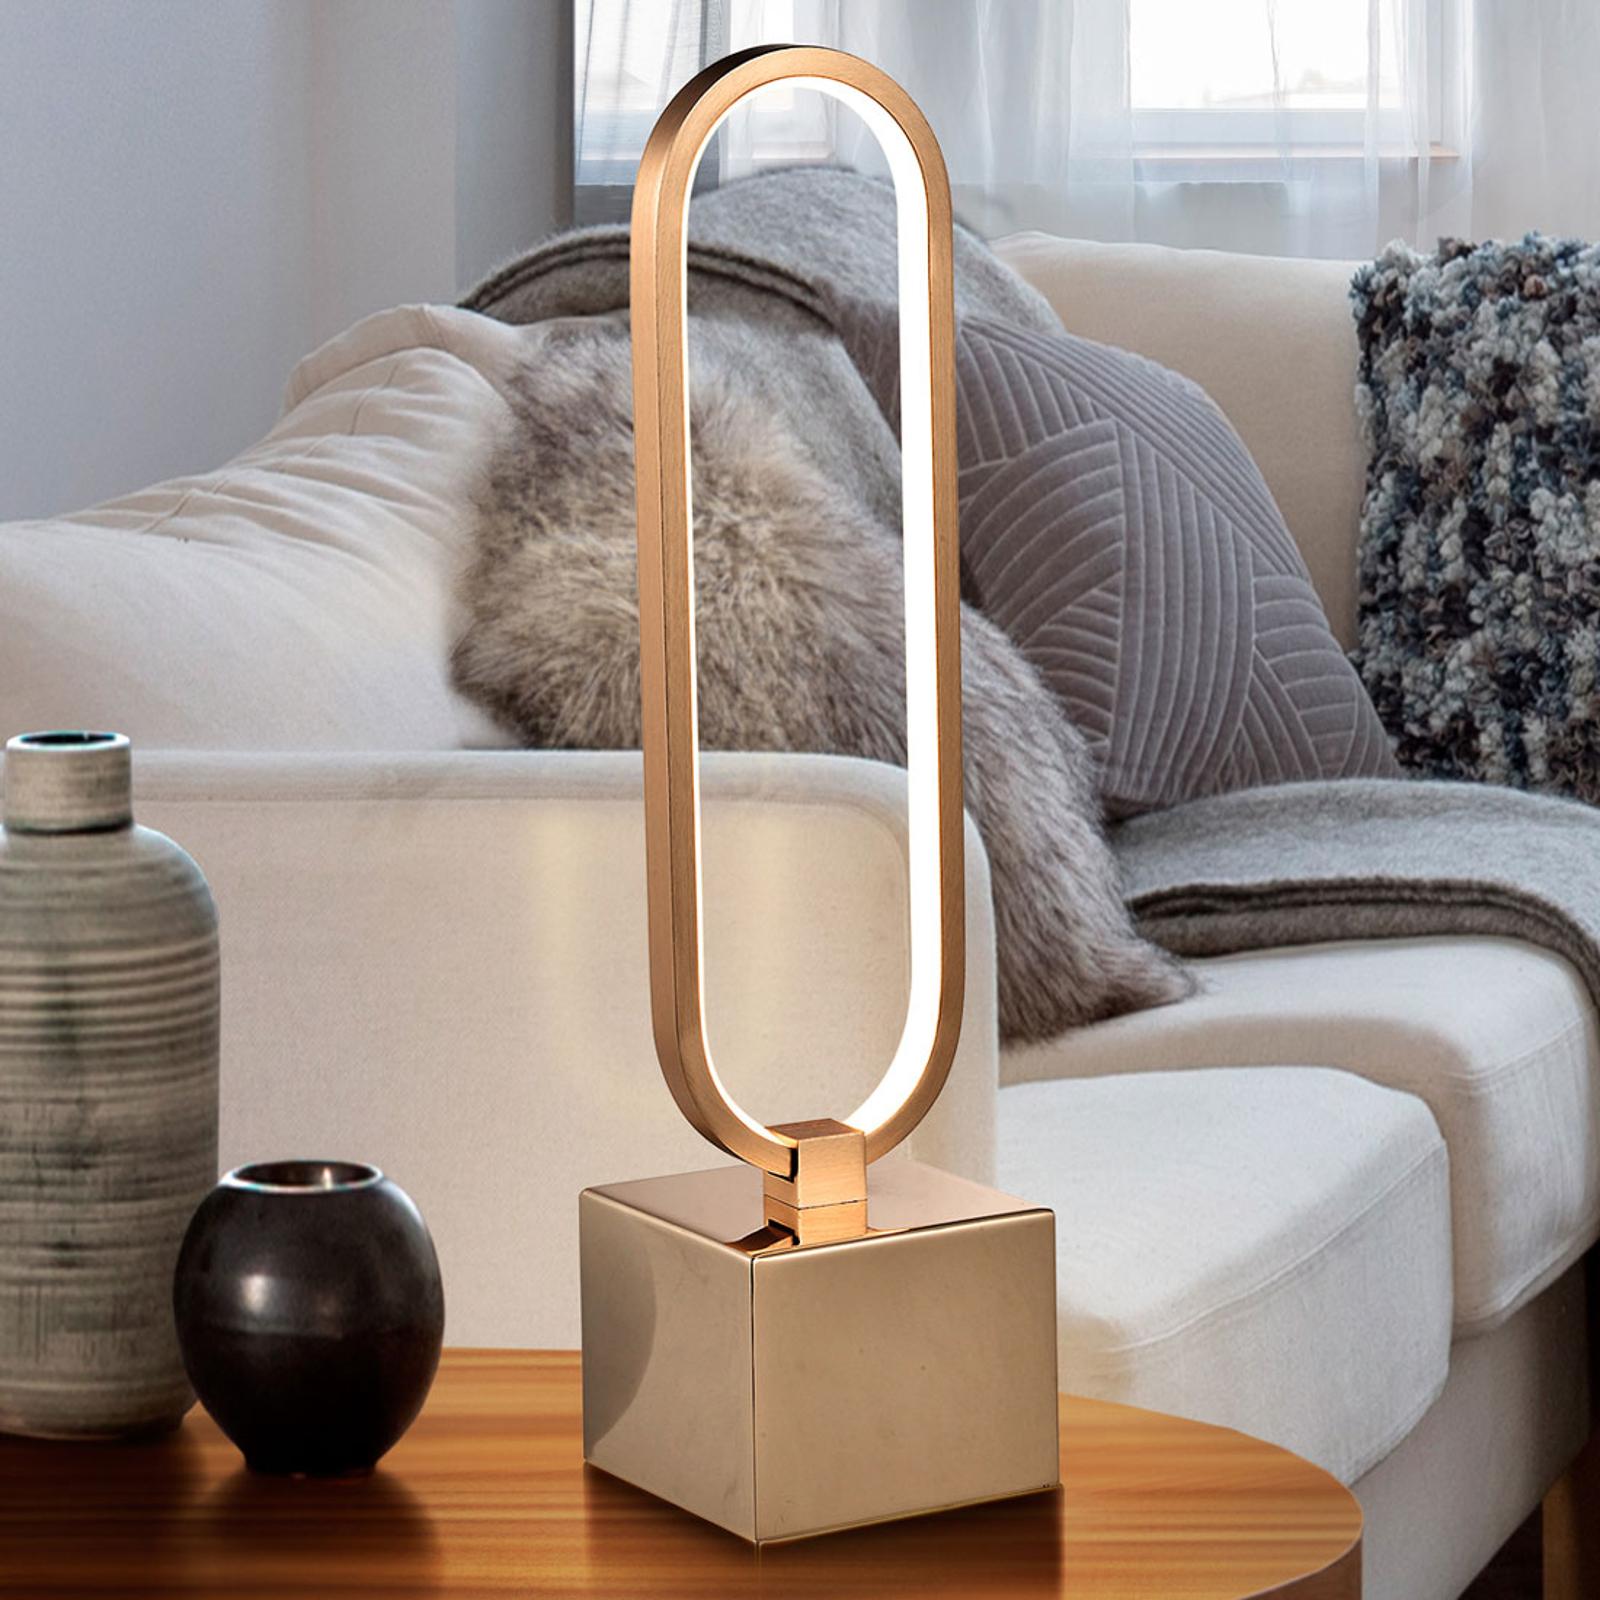 Lampe à poser LED Colette au beau design, dorée